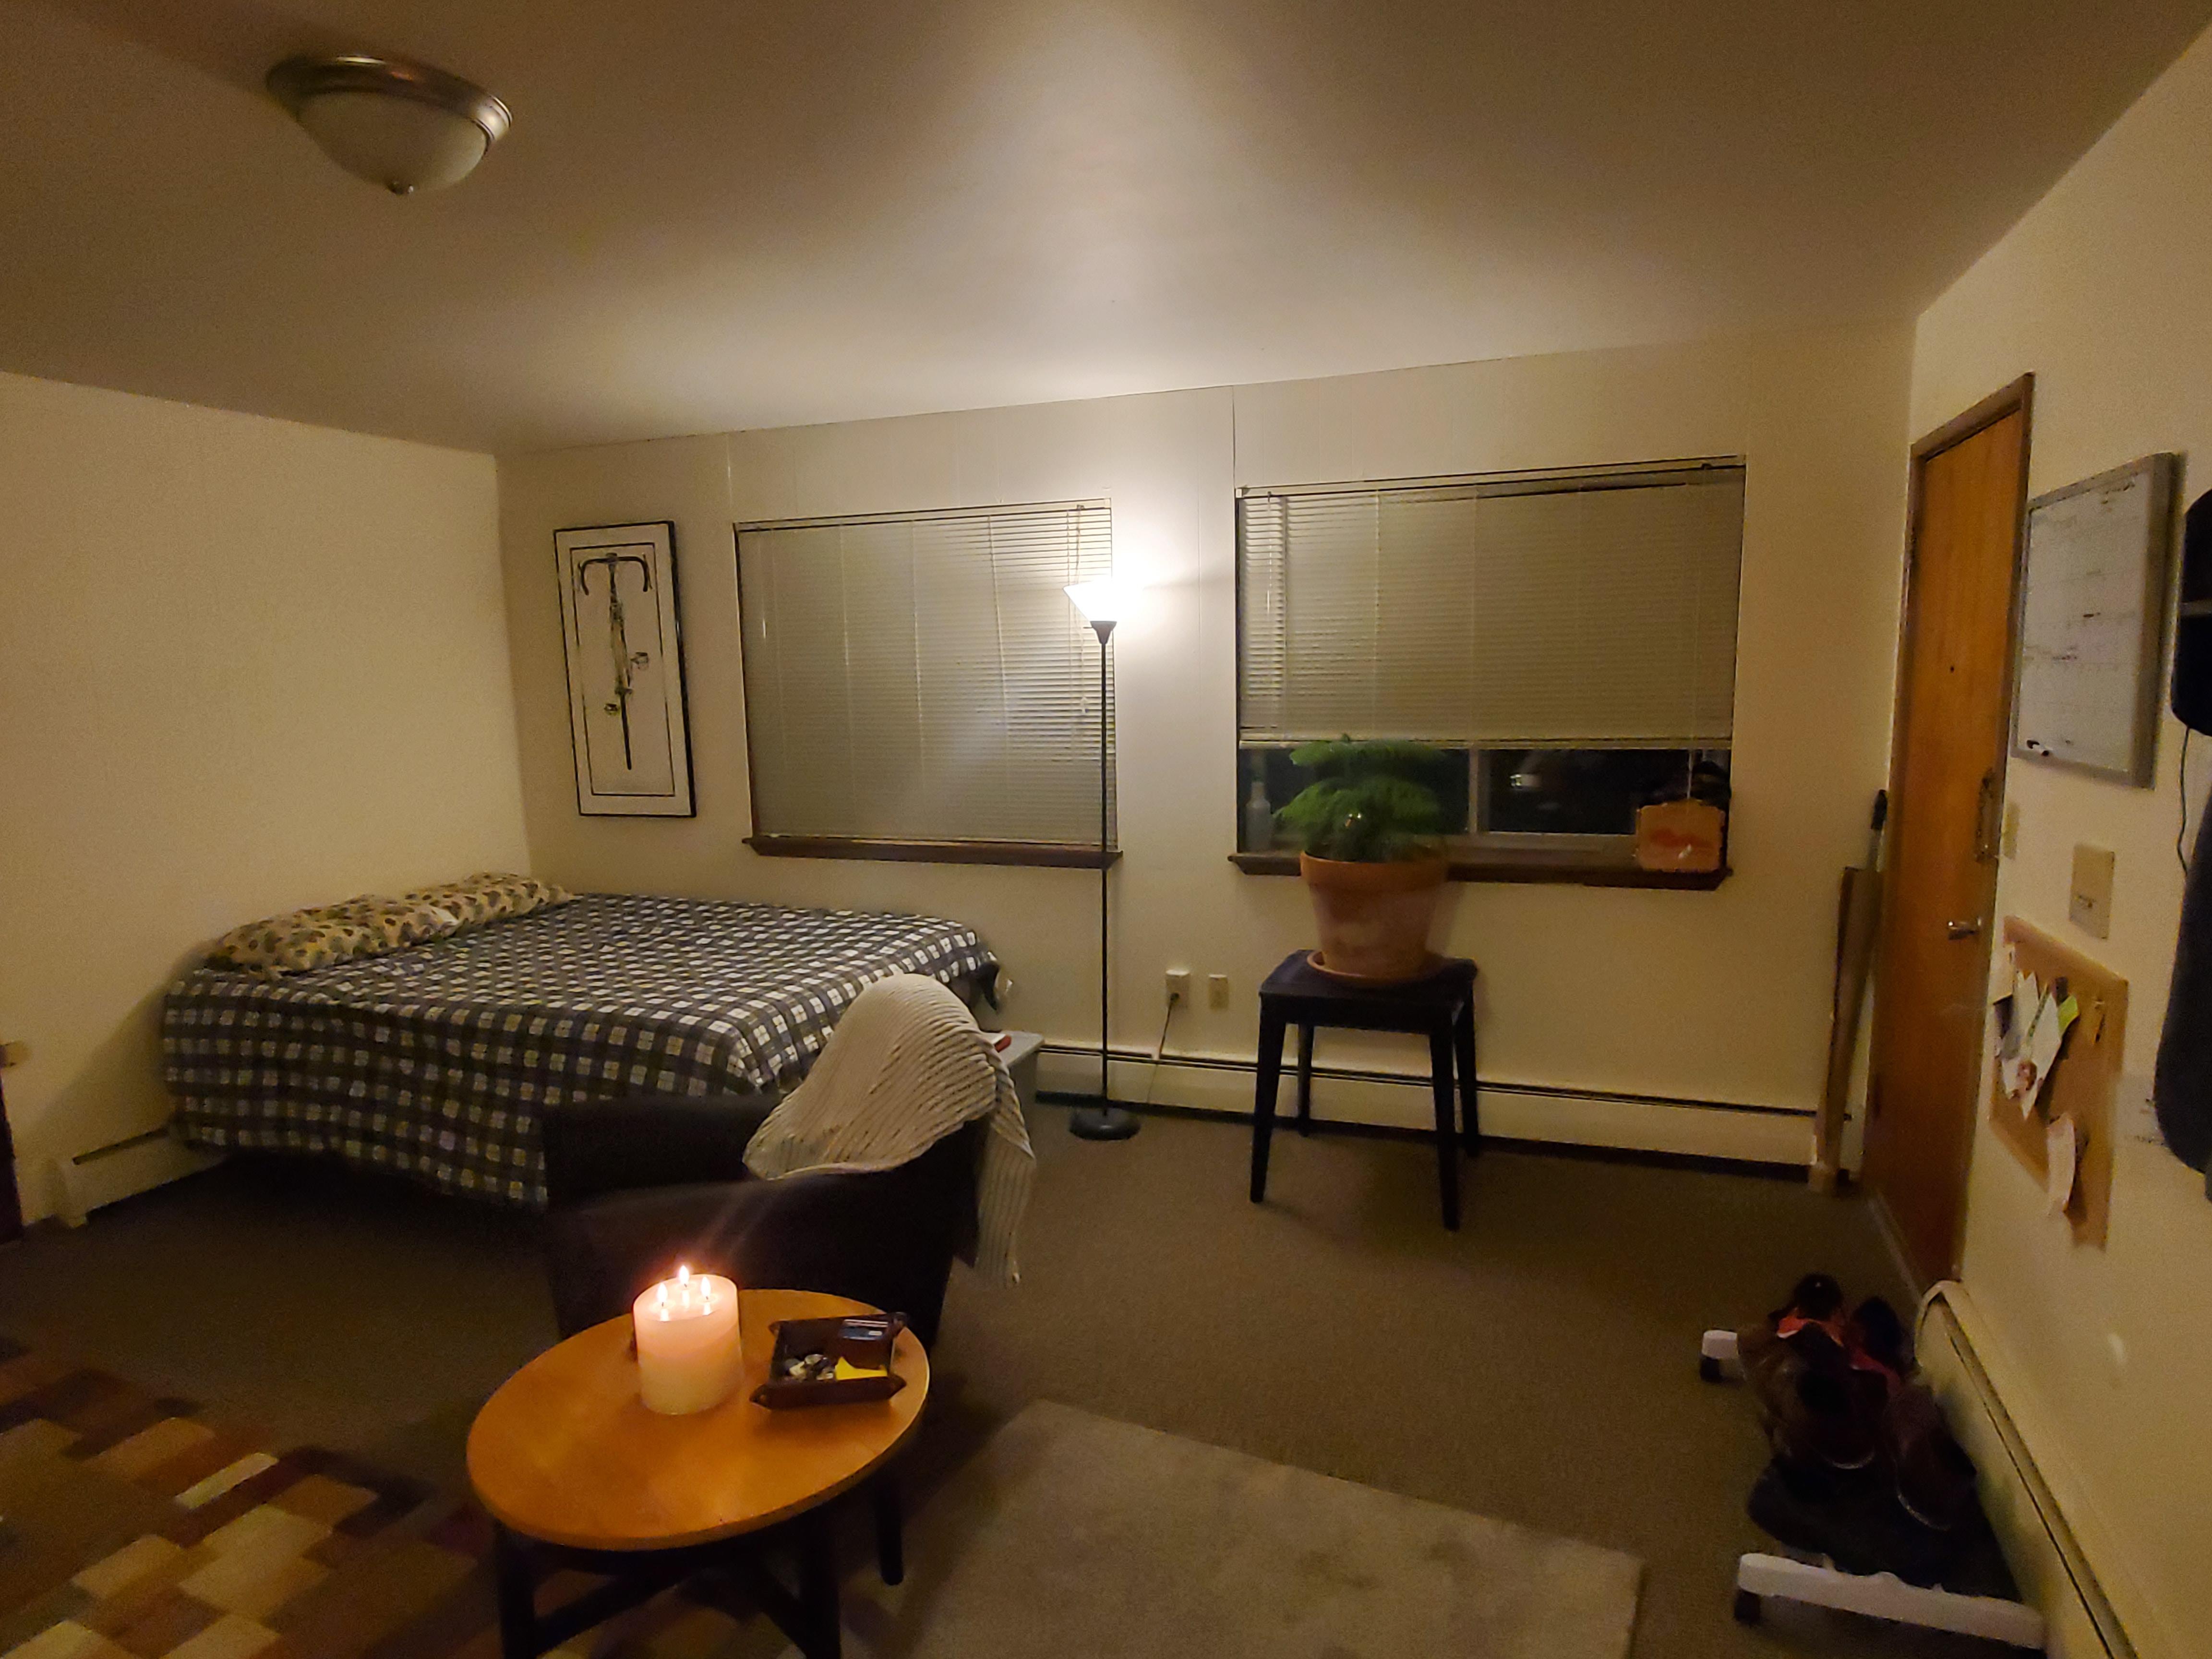 madison off campus lofts